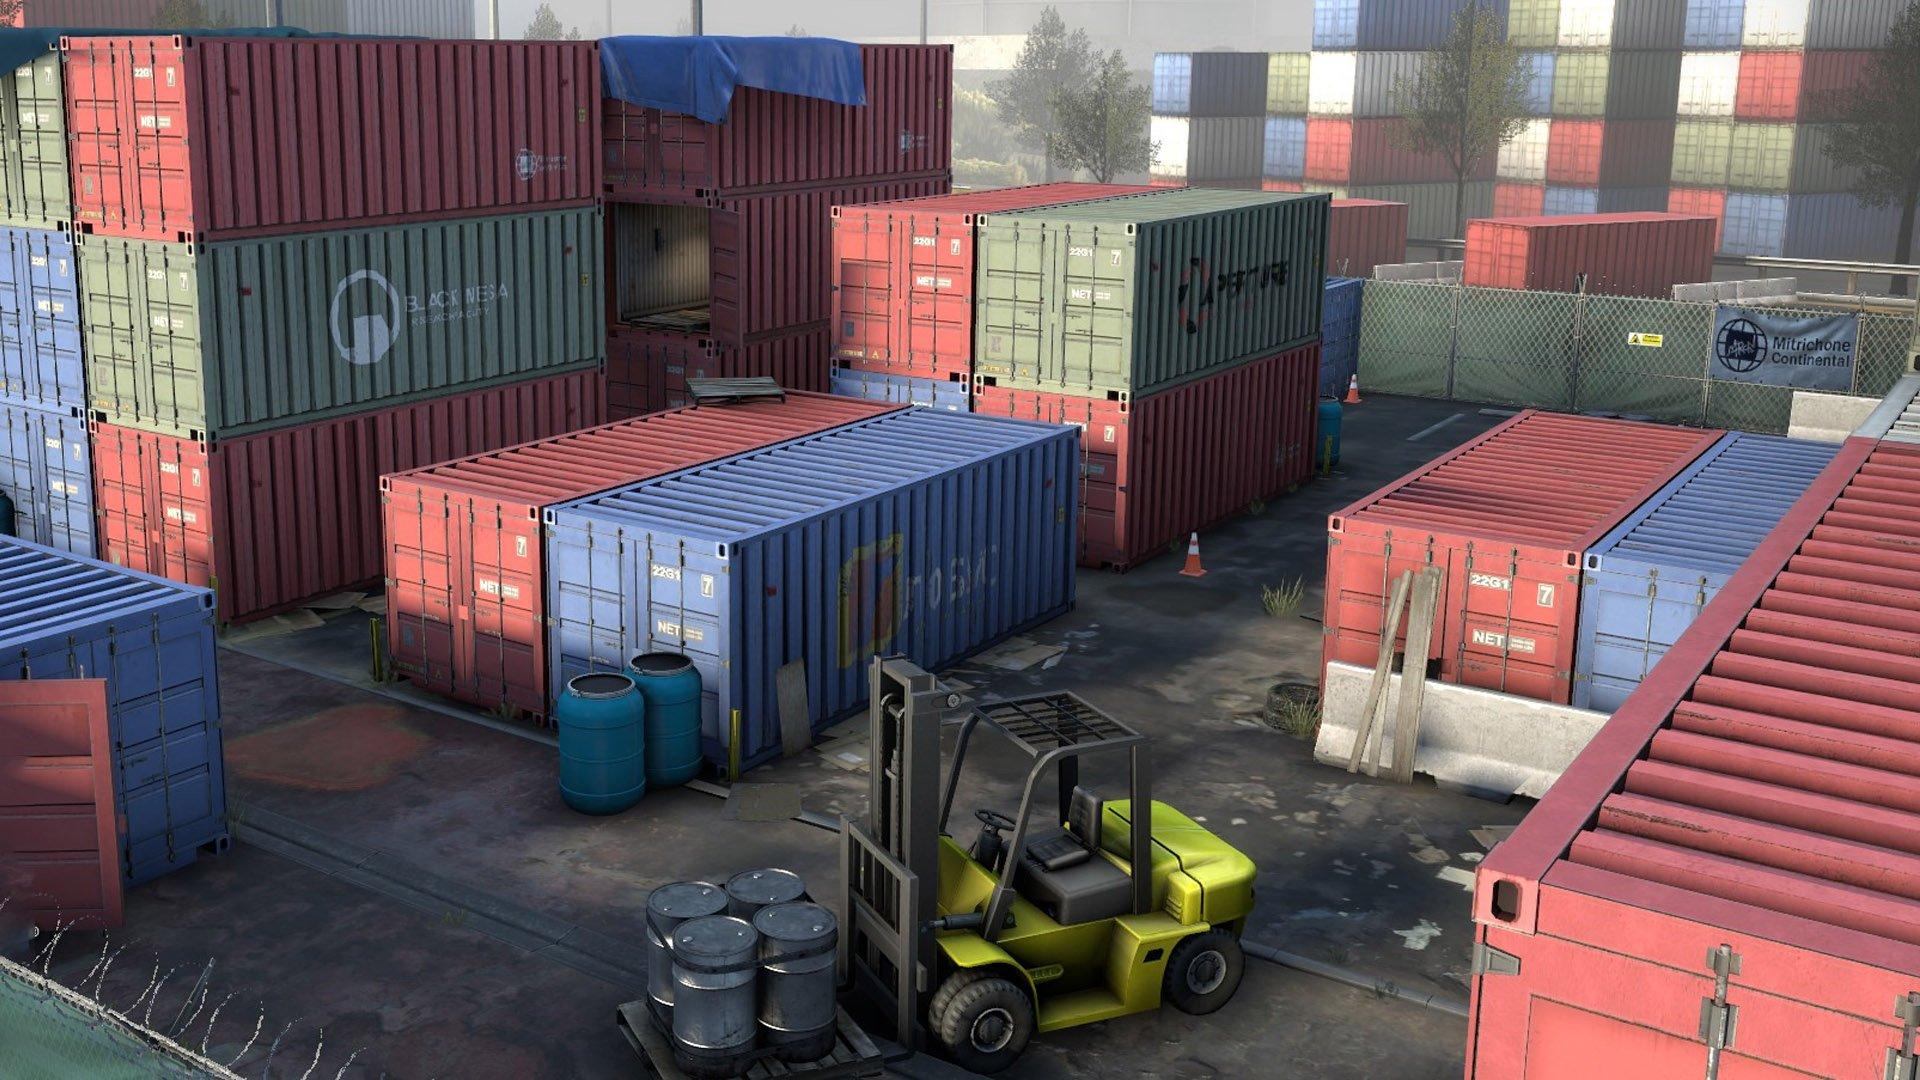 cs go shipment modern warfare